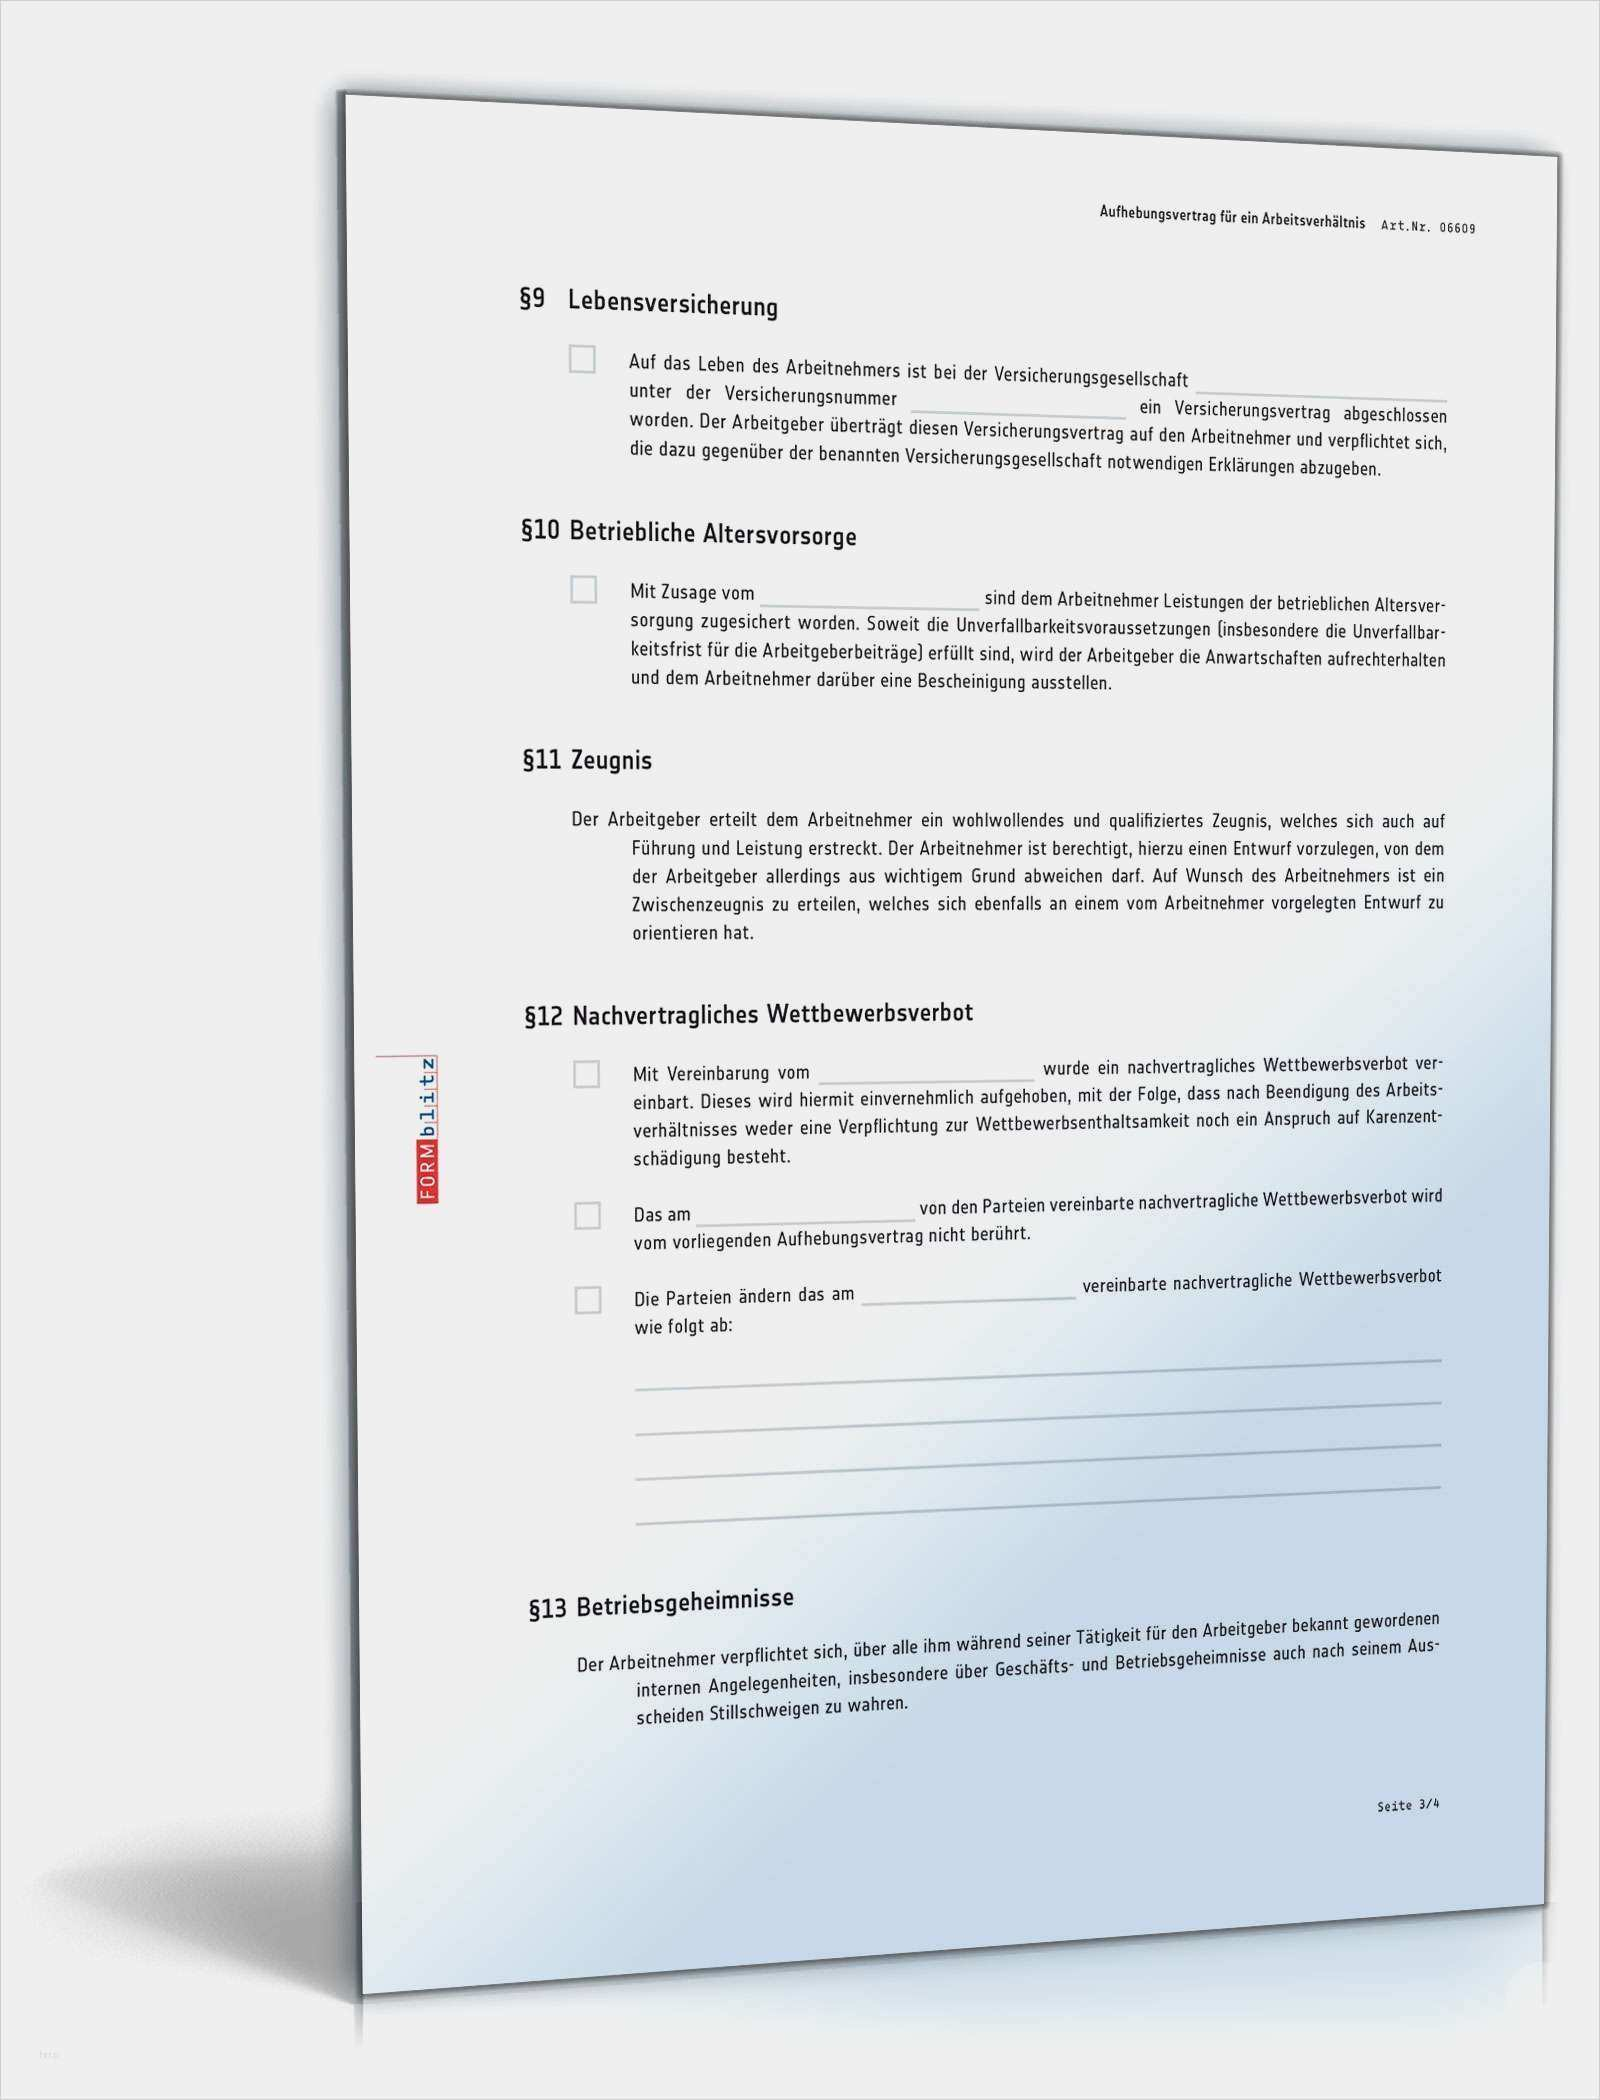 34 Beste Vorlage Aufhebungsvertrag Arbeitnehmer Modelle Vertrag Vorlagen Aufhebung